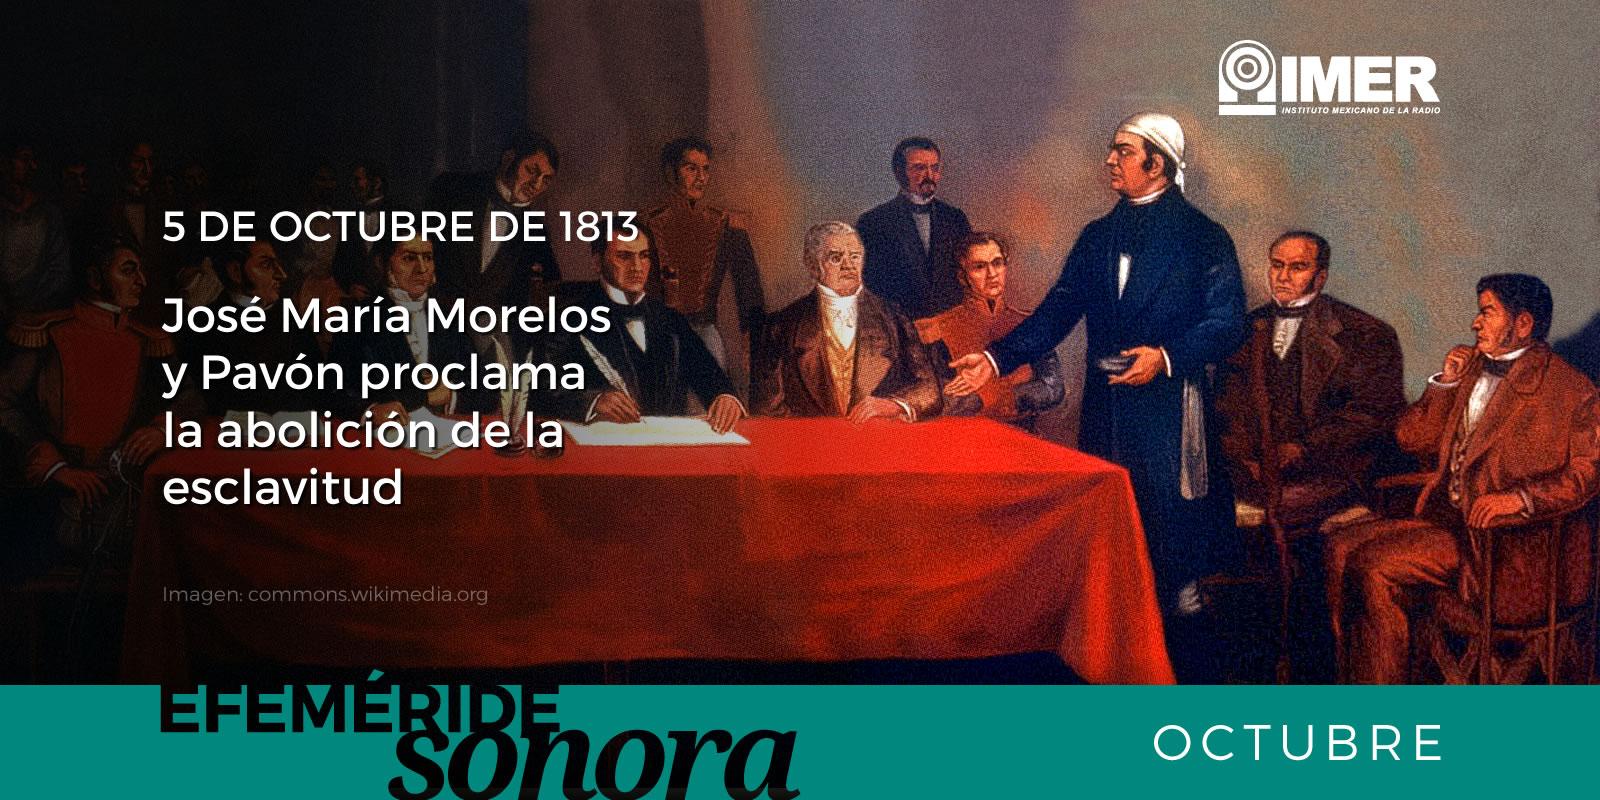 5 de octubre de 1813, José María Morelos y Pavón proclama ...